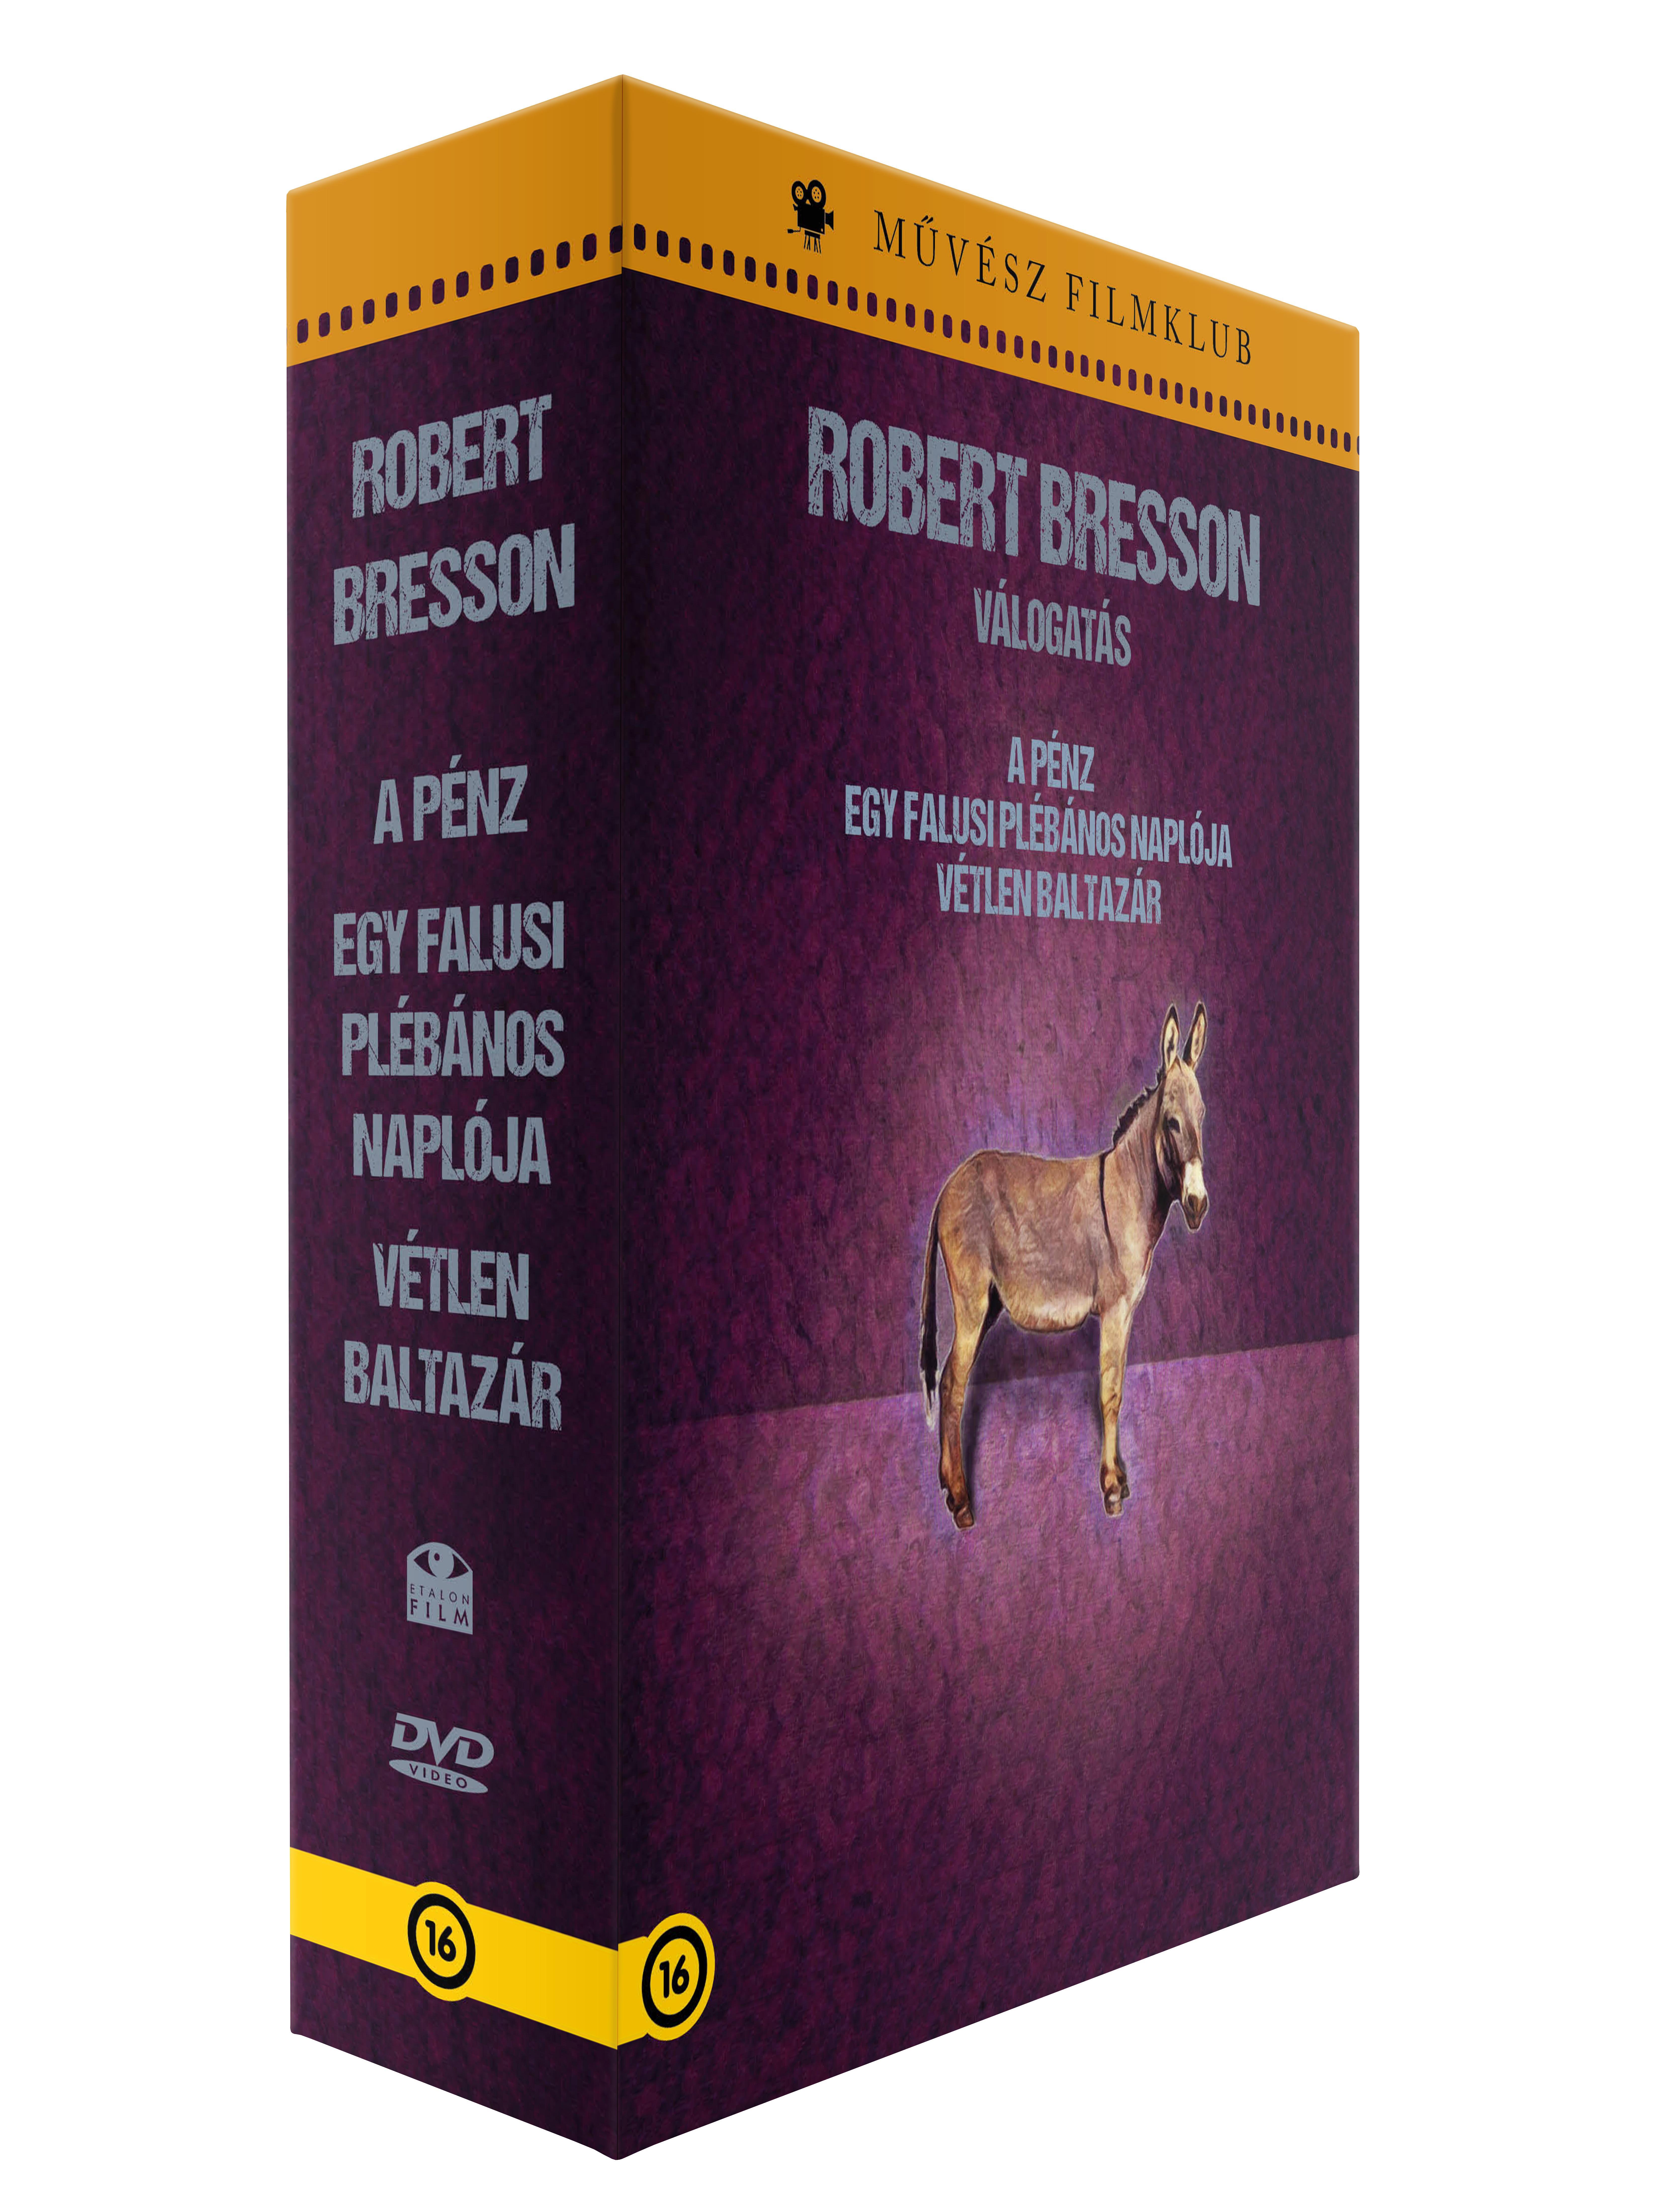 ROBERT BRESSON VÁLOGATÁS (A FRANCIA FILMMŰVÉSZET REMEKEI I.) - DVD (DÍSZDOBOZ)